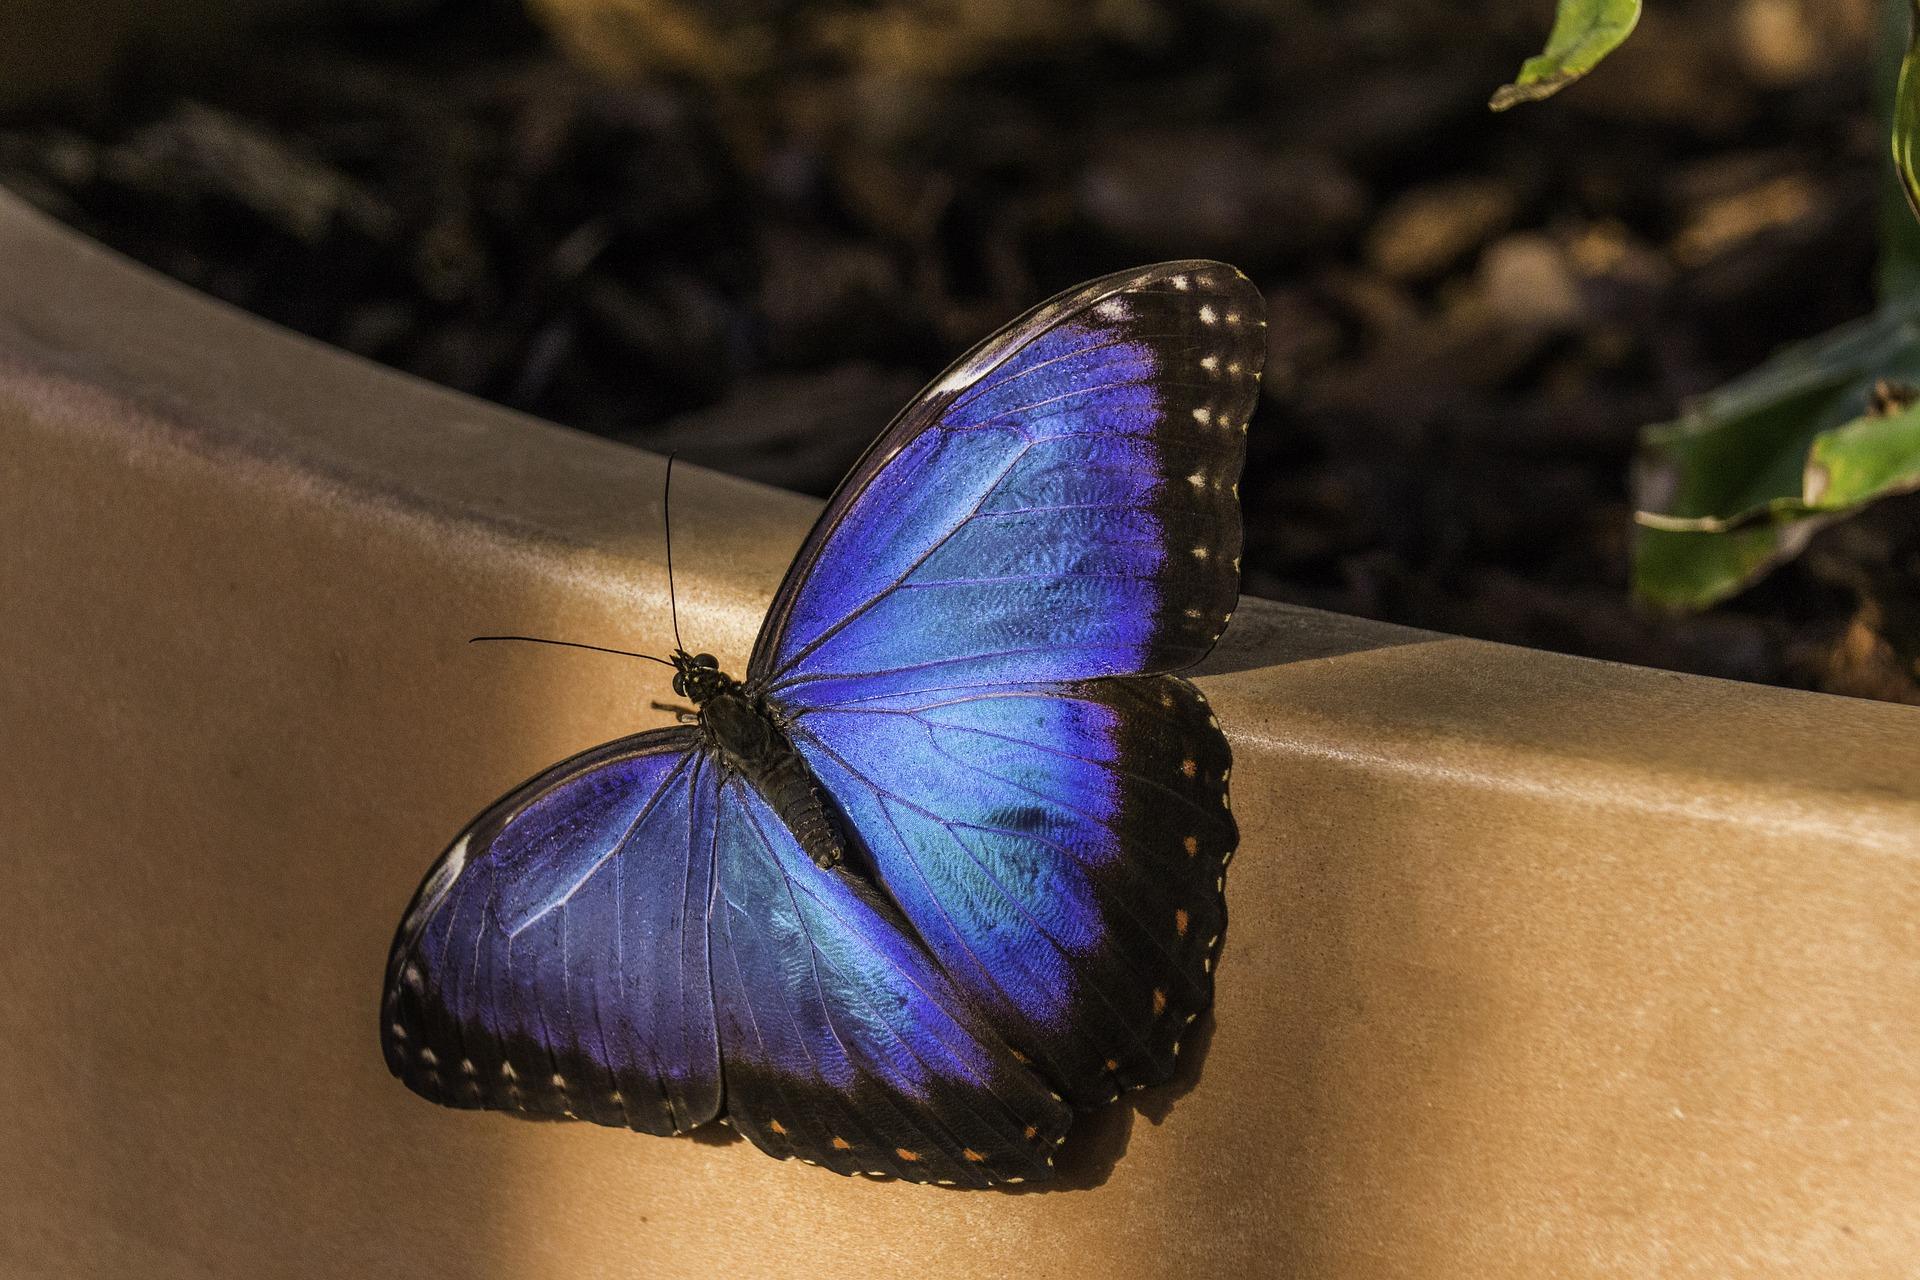 butterfly-2003038_1920